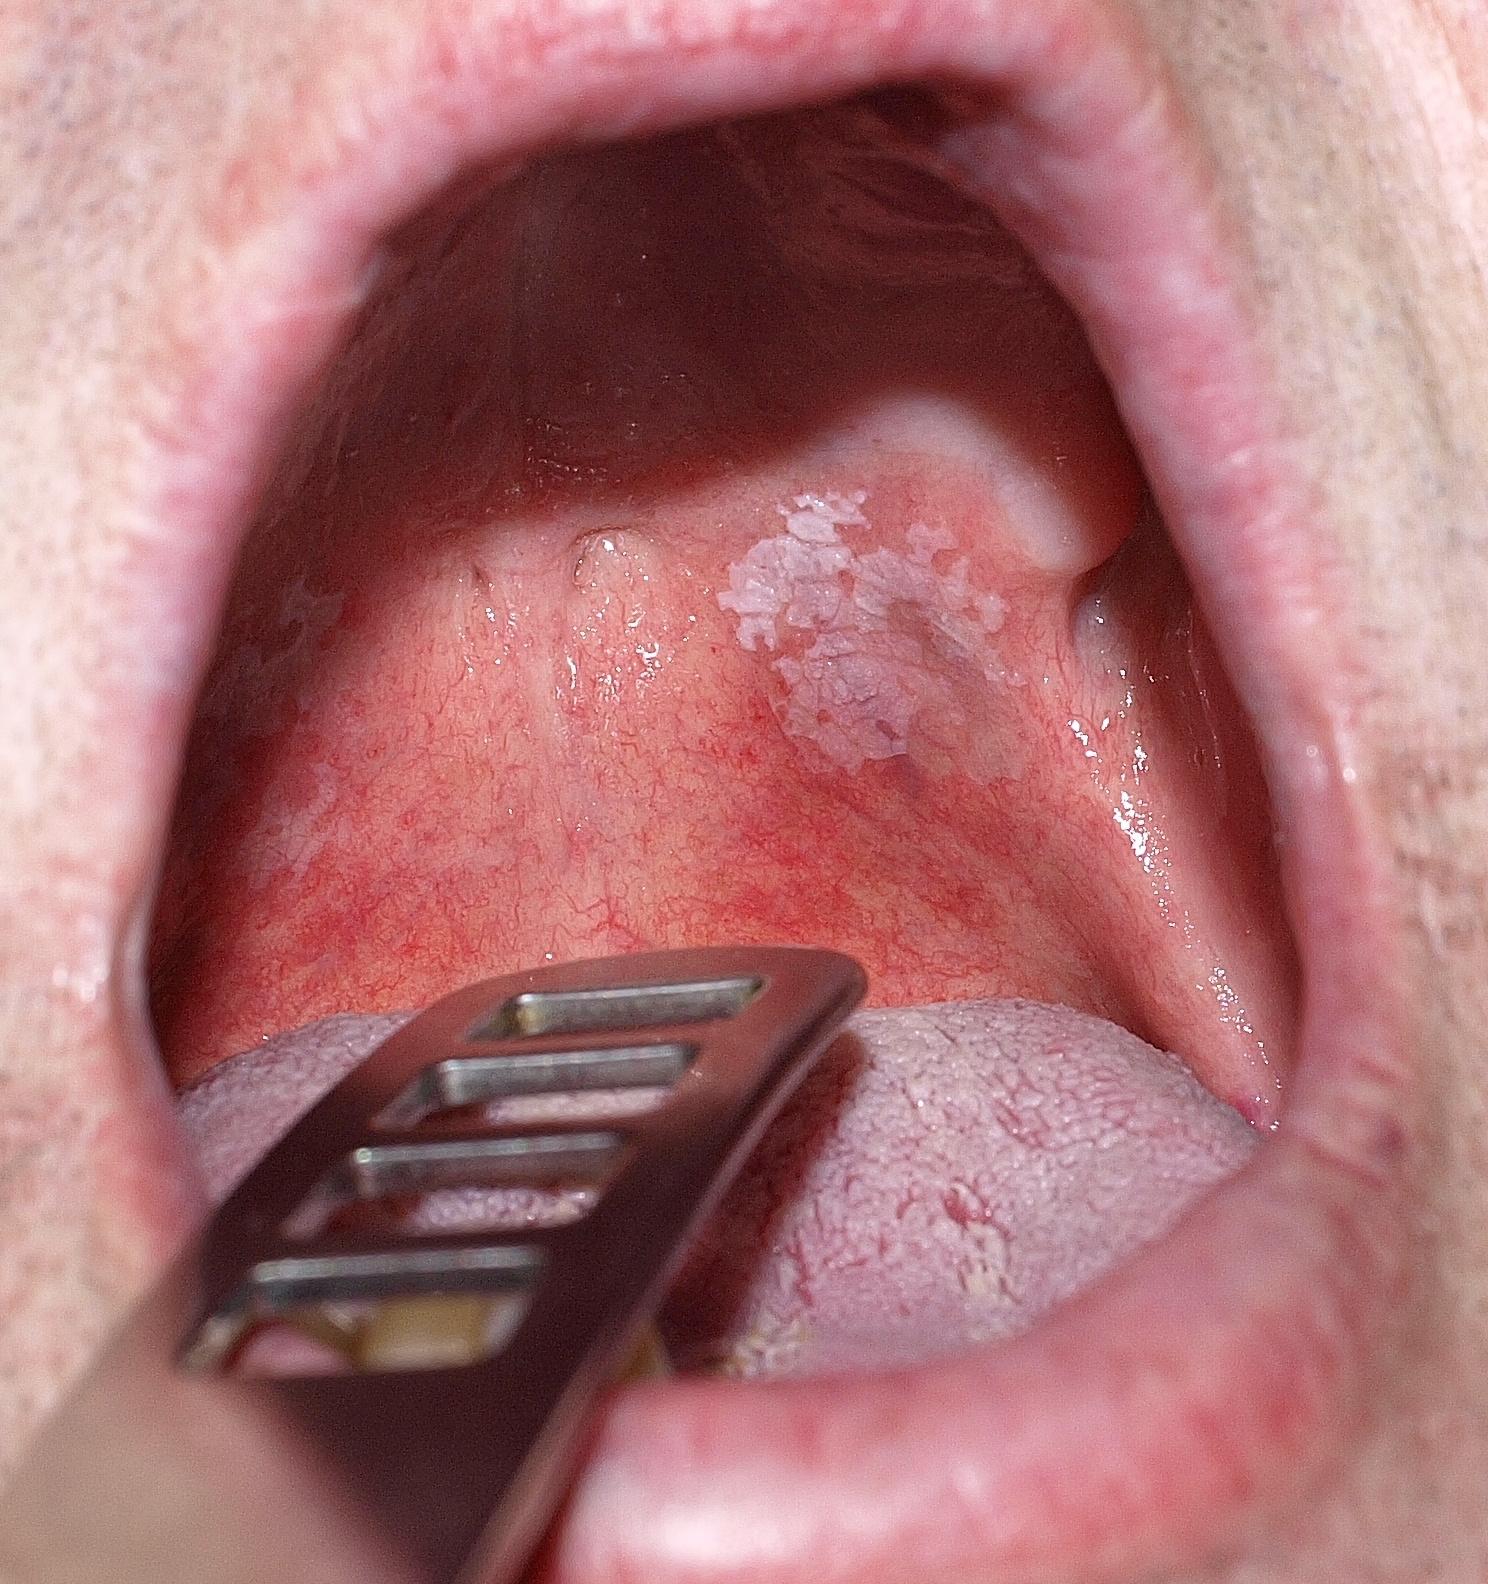 FEHÉR Csíkok a szájban a sajtot - Sarcoma